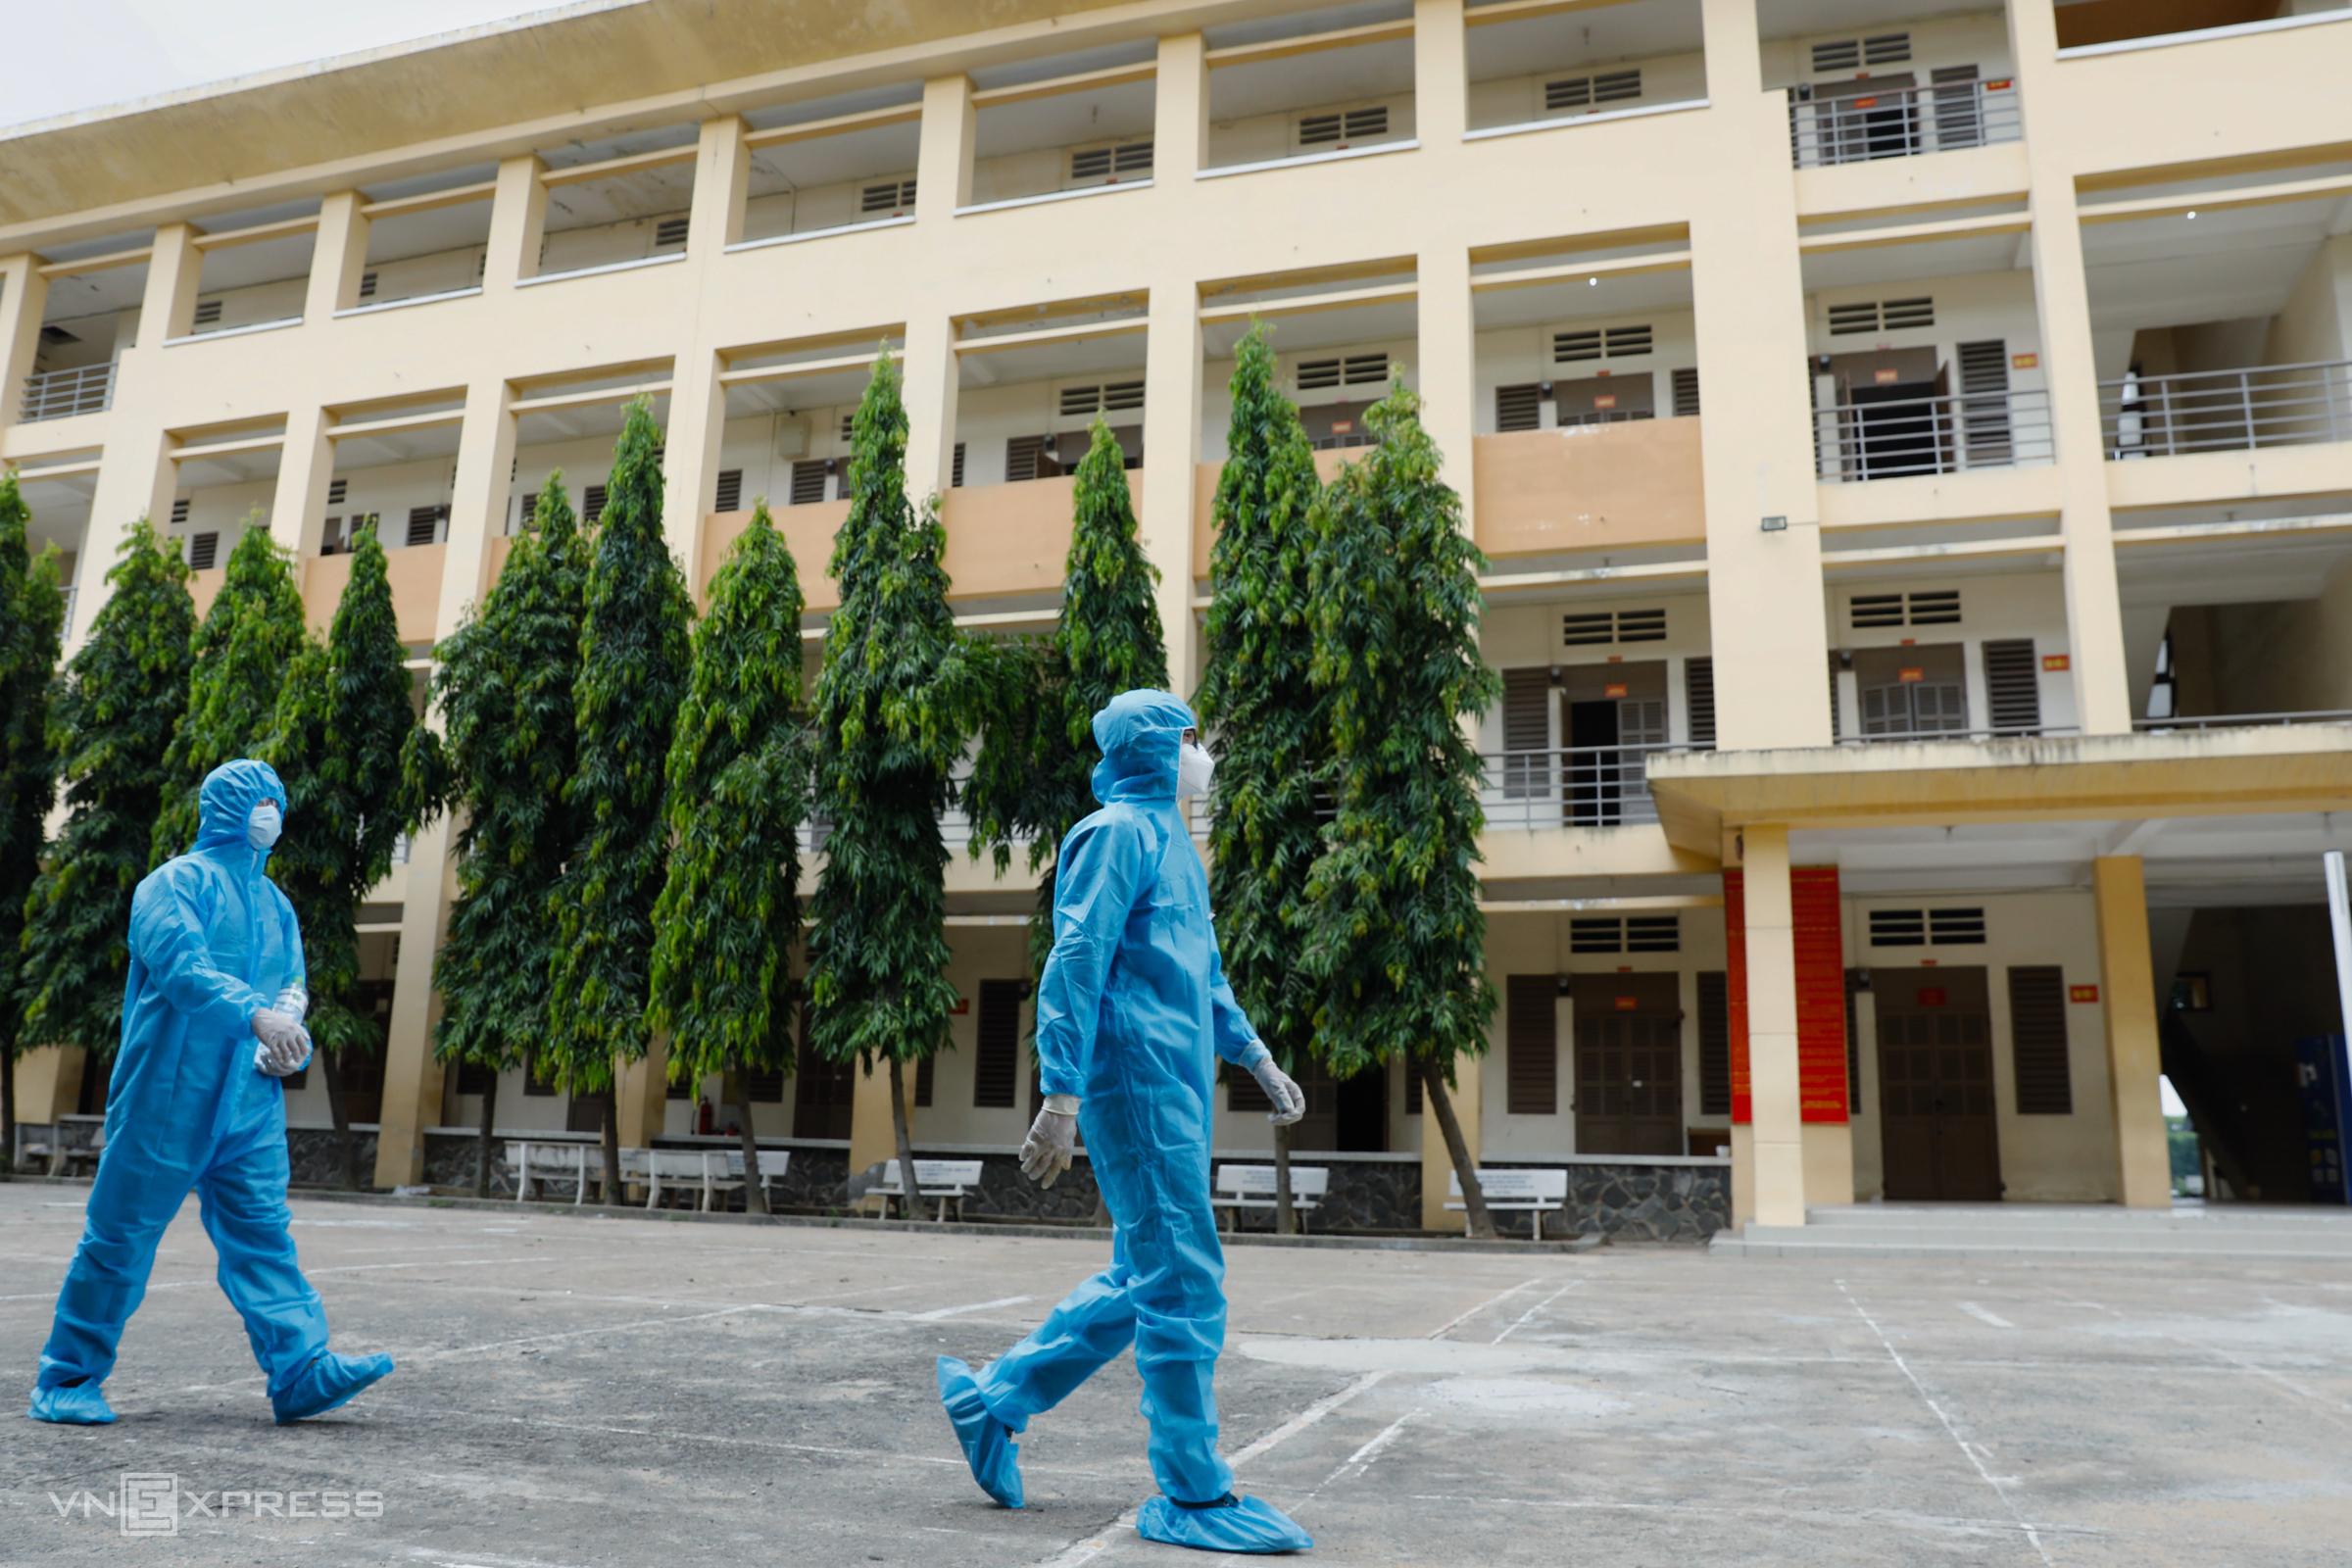 Khu cách ly đặt tại Trung tâm Giáo dục Quốc phòng - An ninh (Đại học Quốc gia TP HCM) tiếp nhận những trường hợp liên quan chuỗi lây nhiễm Hội thánh Truyền giáo Phục hưng. Ảnh: Hữu Khoa.